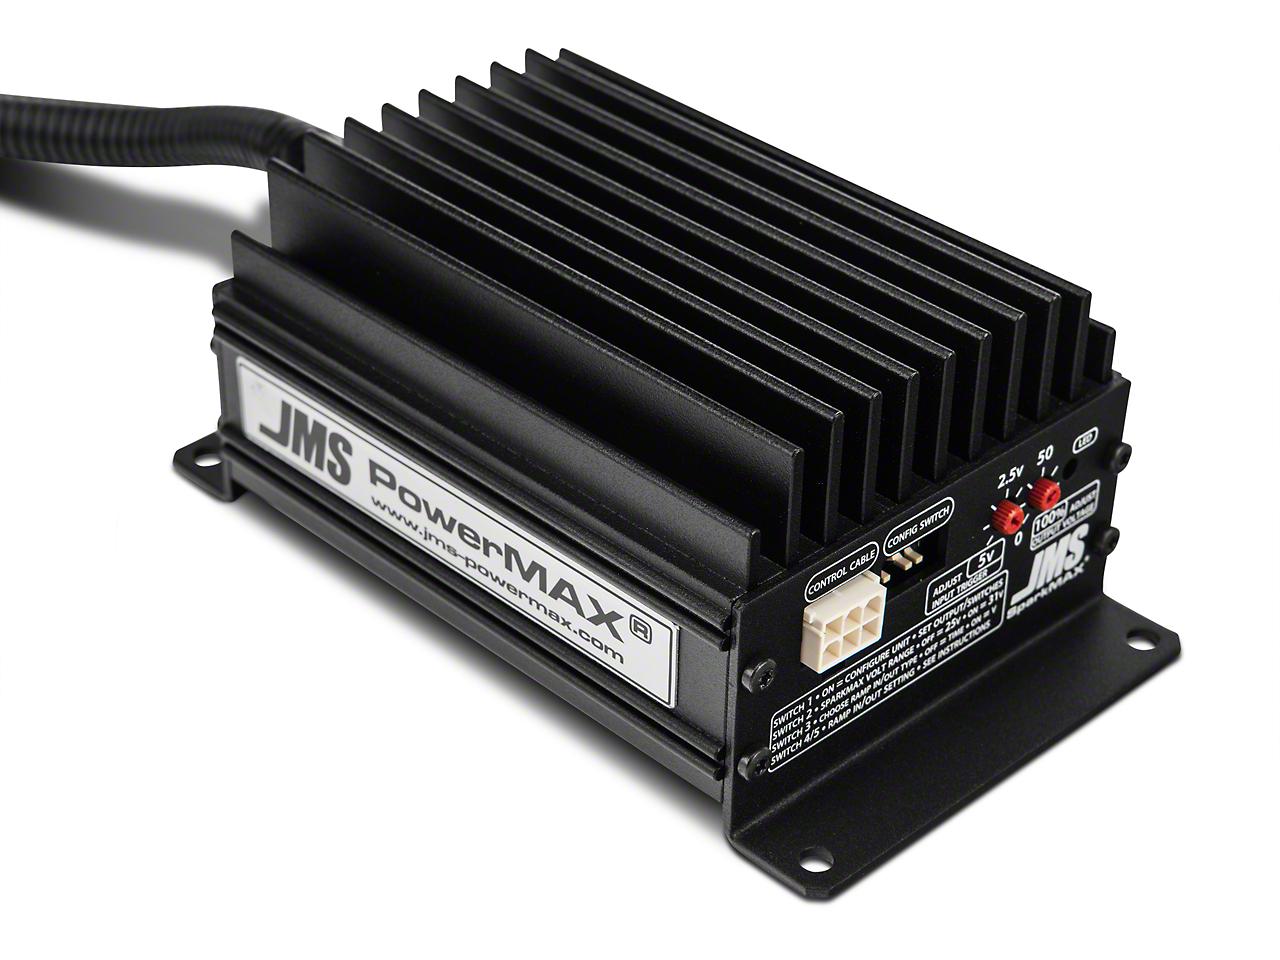 JMS SparkMAX - Ignition System Voltage Booster V2 (11-14 All)